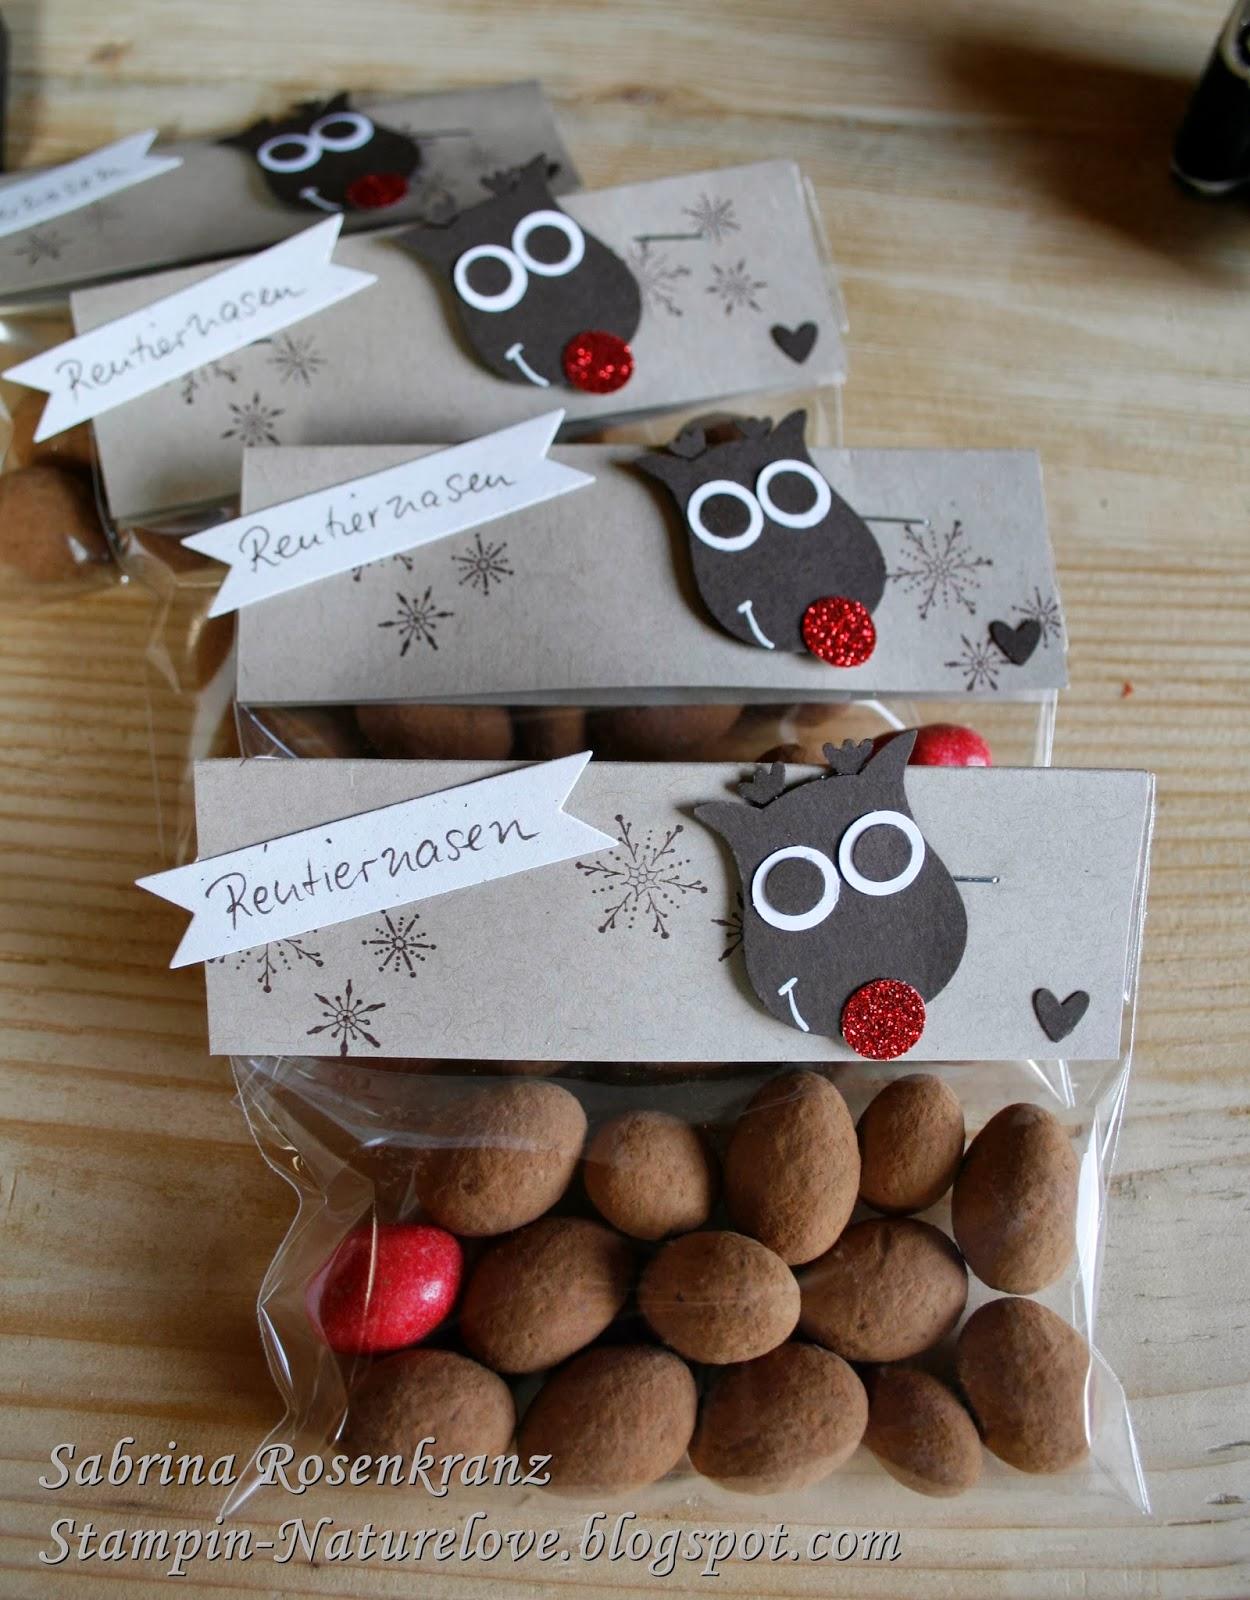 Weihnachtsgeschenke Kleinigkeiten.Stampin Up Weihnachtsgeschenke Stampin Naturelove